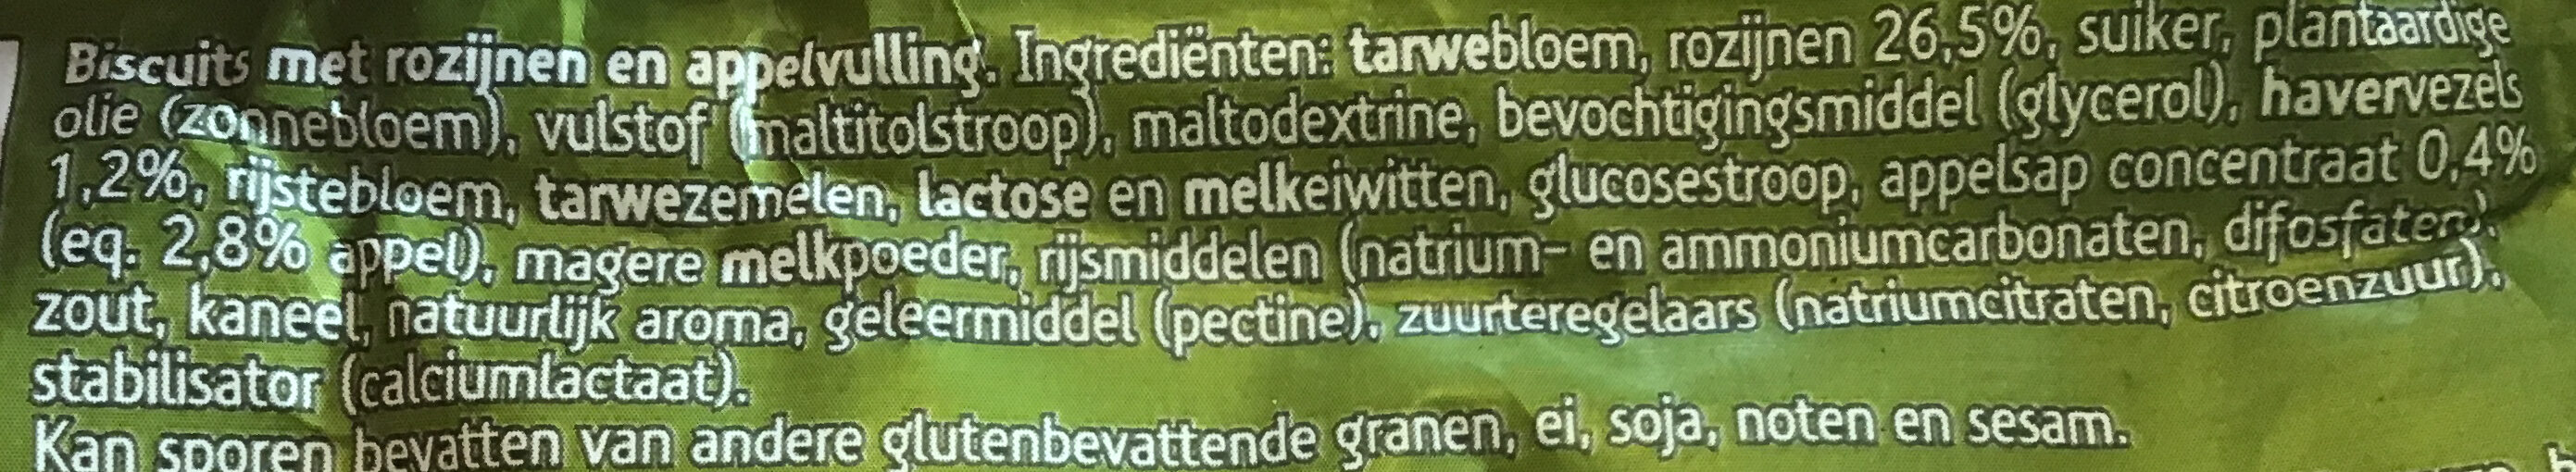 Appel - Ingredients - nl